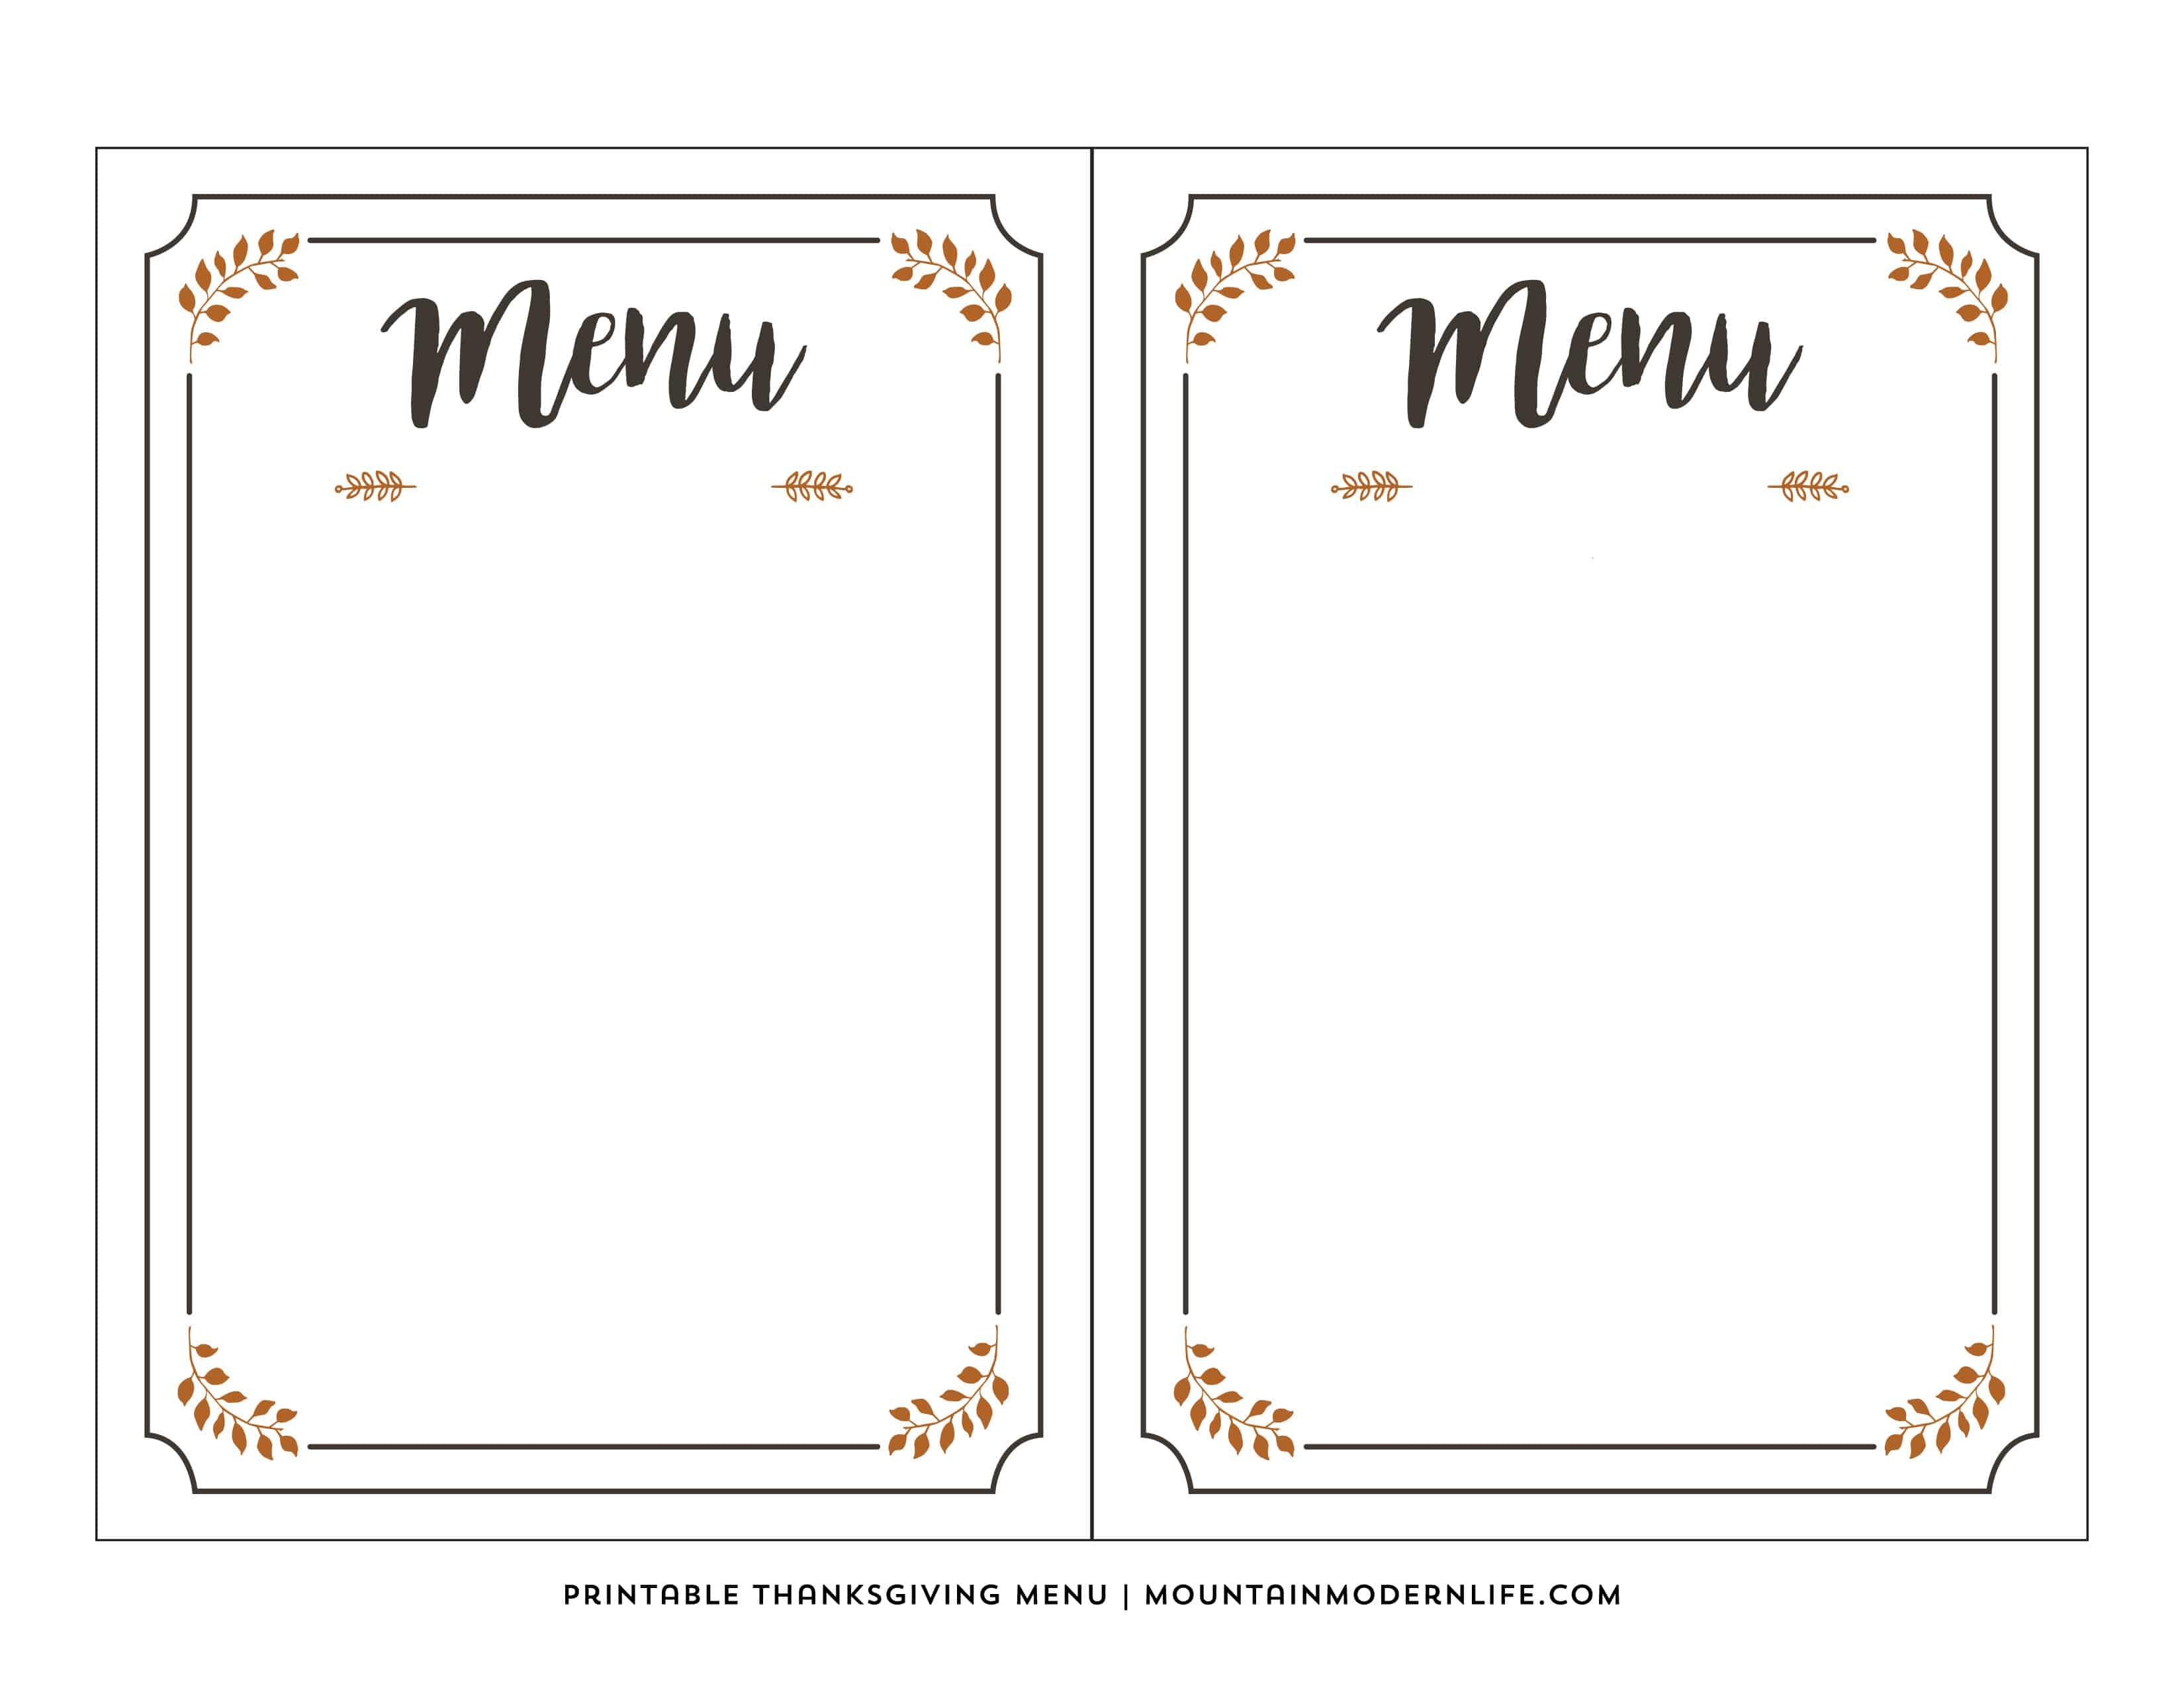 Free Printable Thanksgiving Menu | Mountainmodernlife - Free Printable Menu